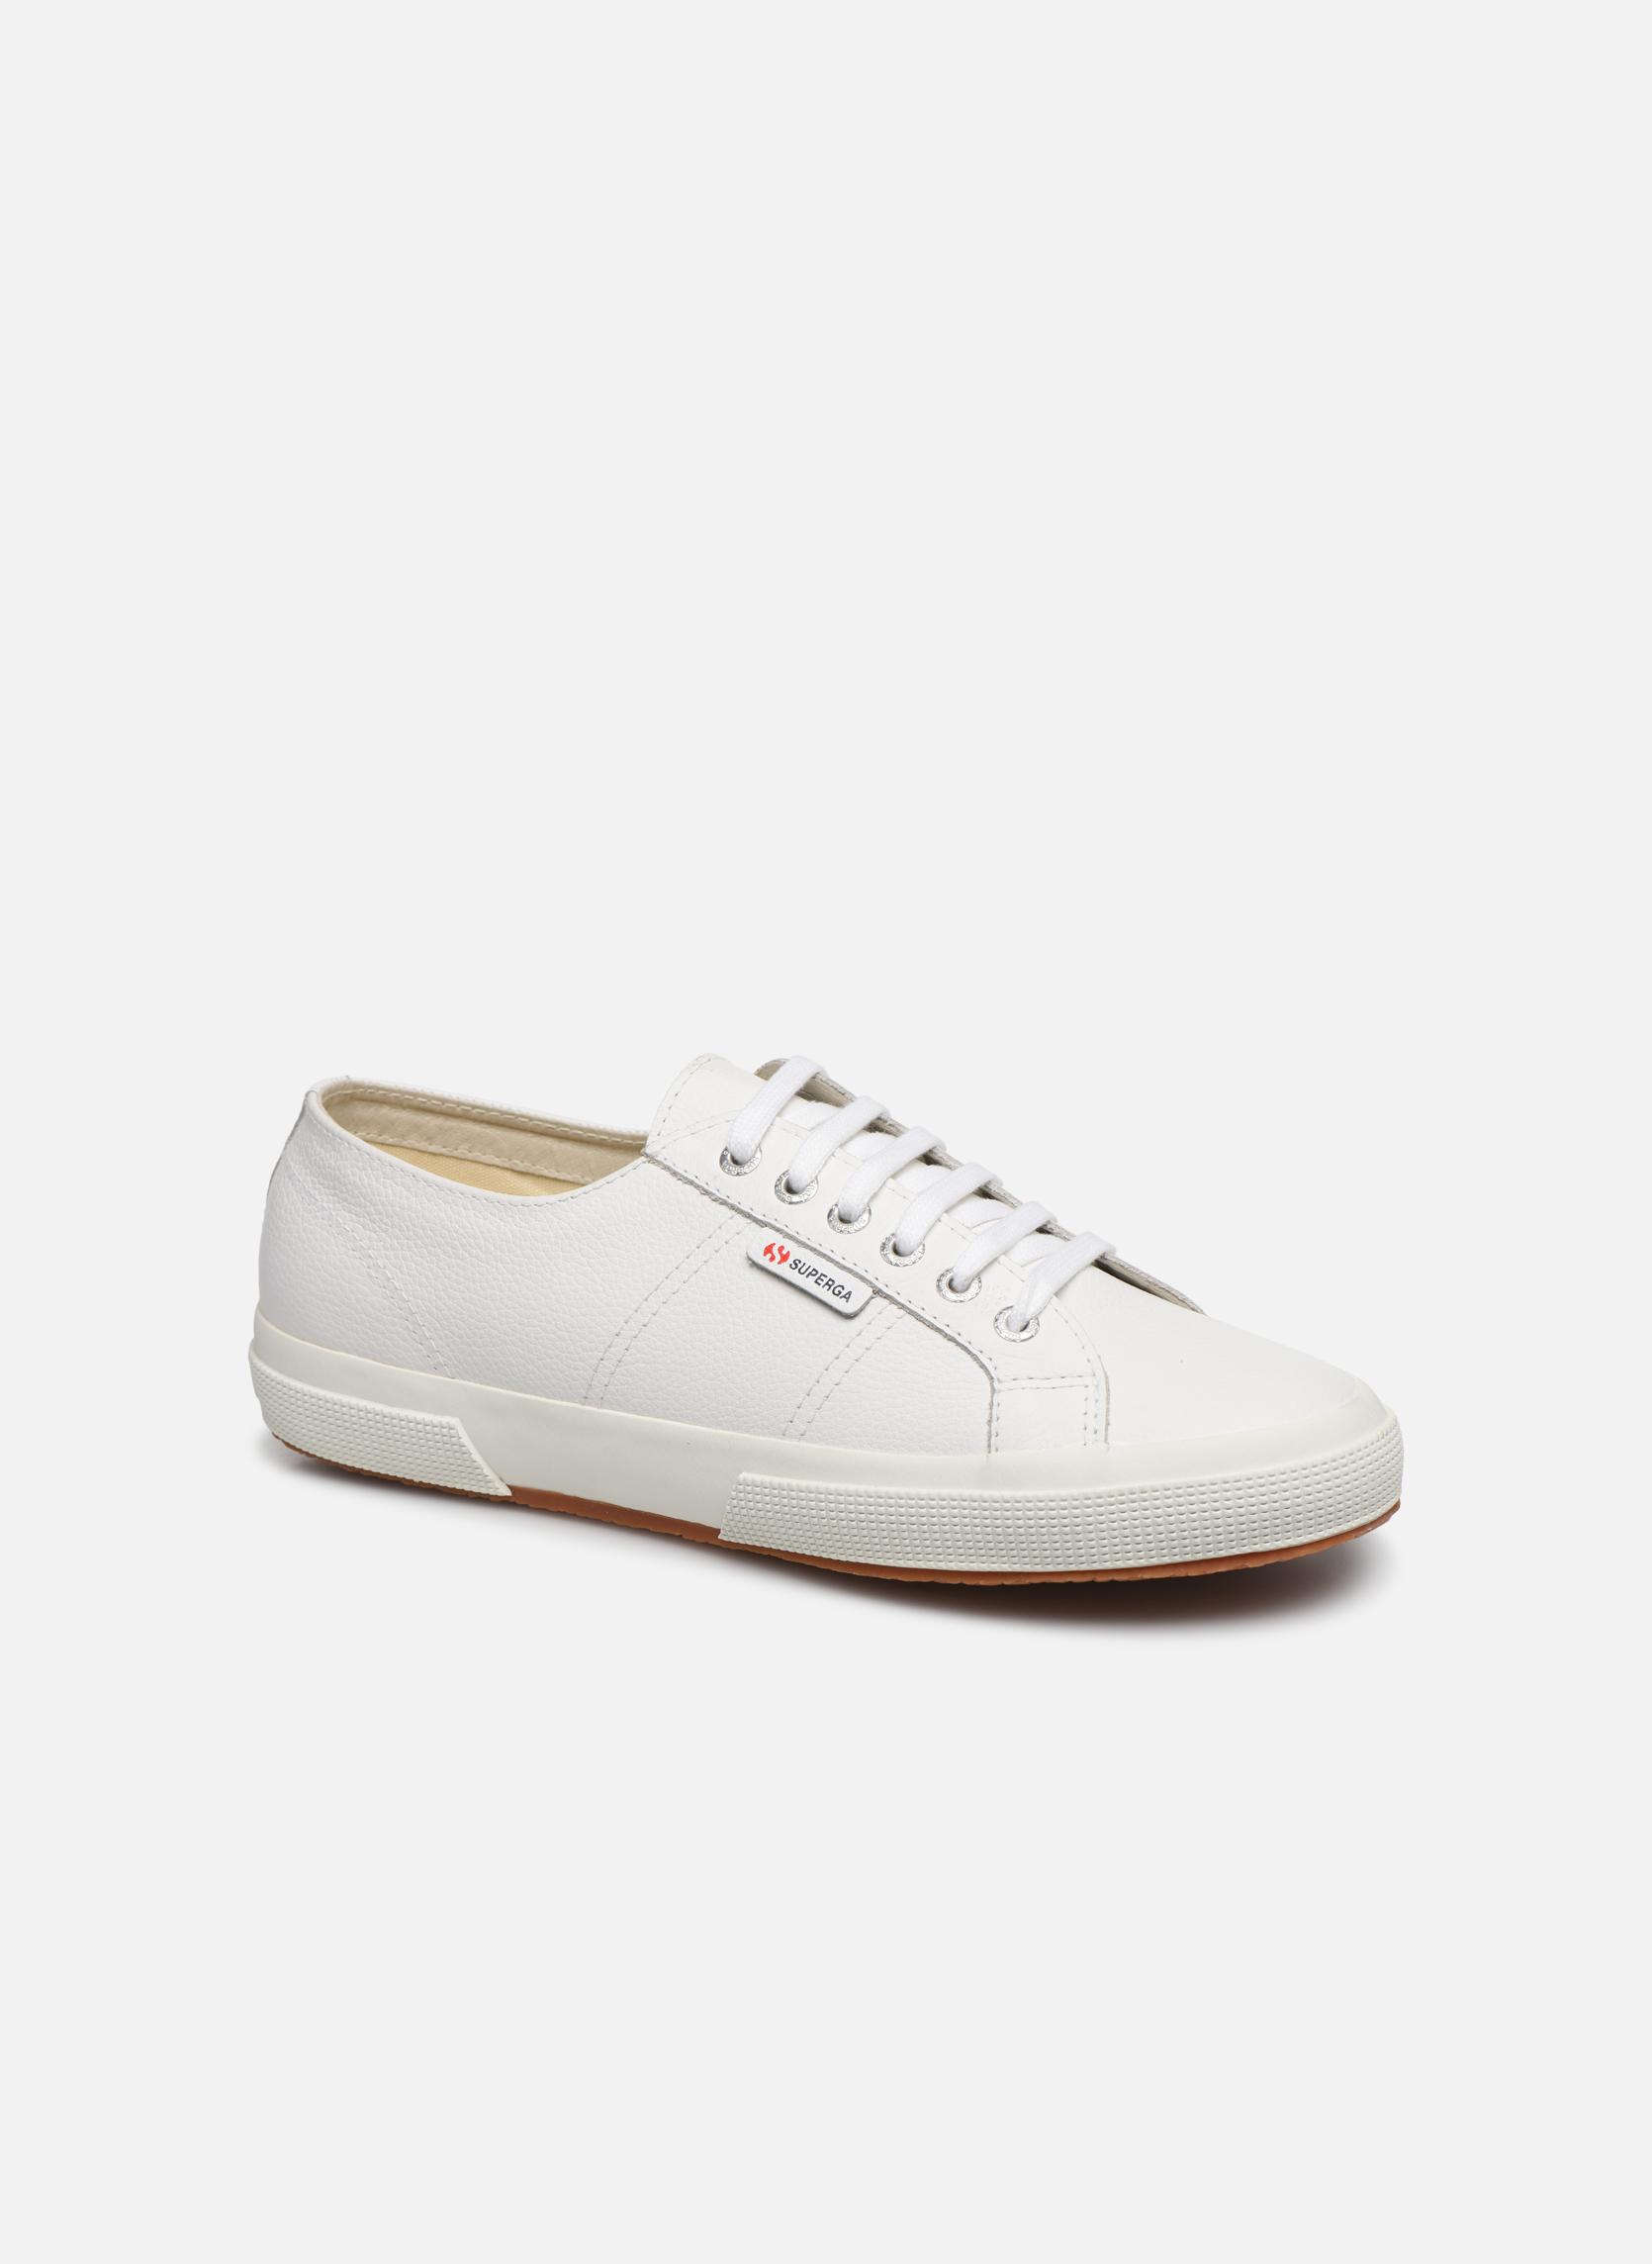 2750 FGLU White